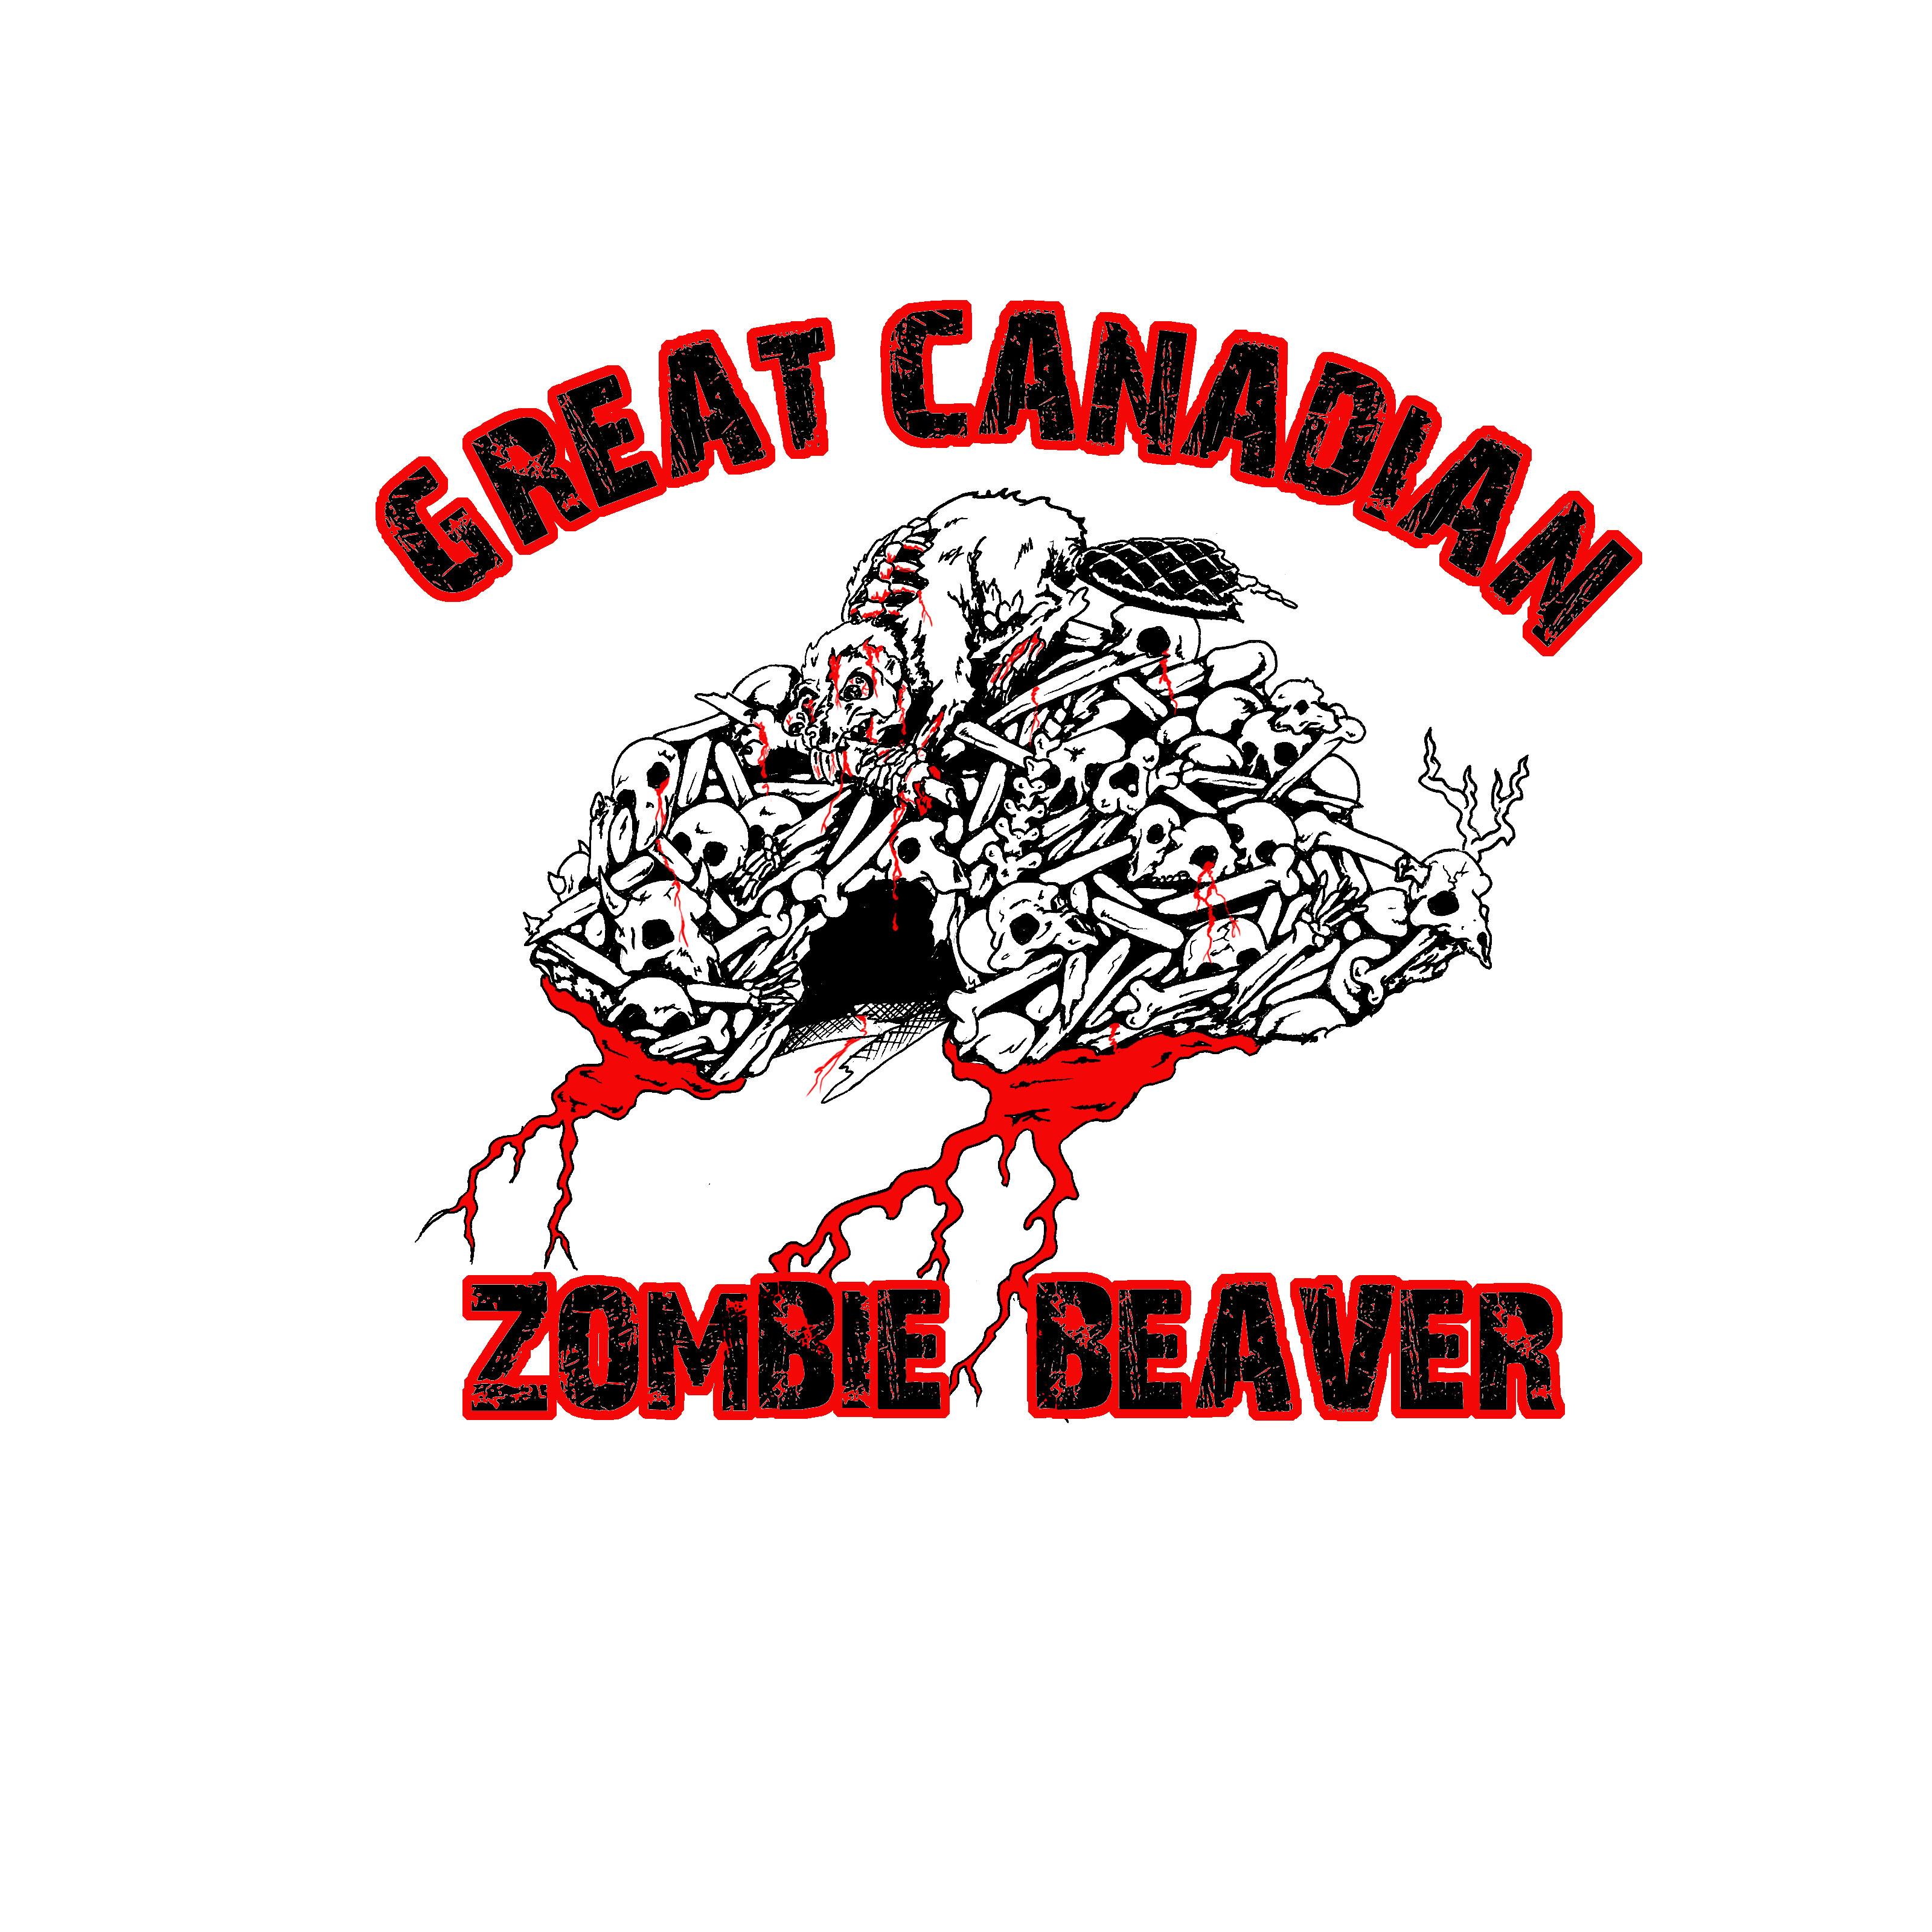 zombie beaver